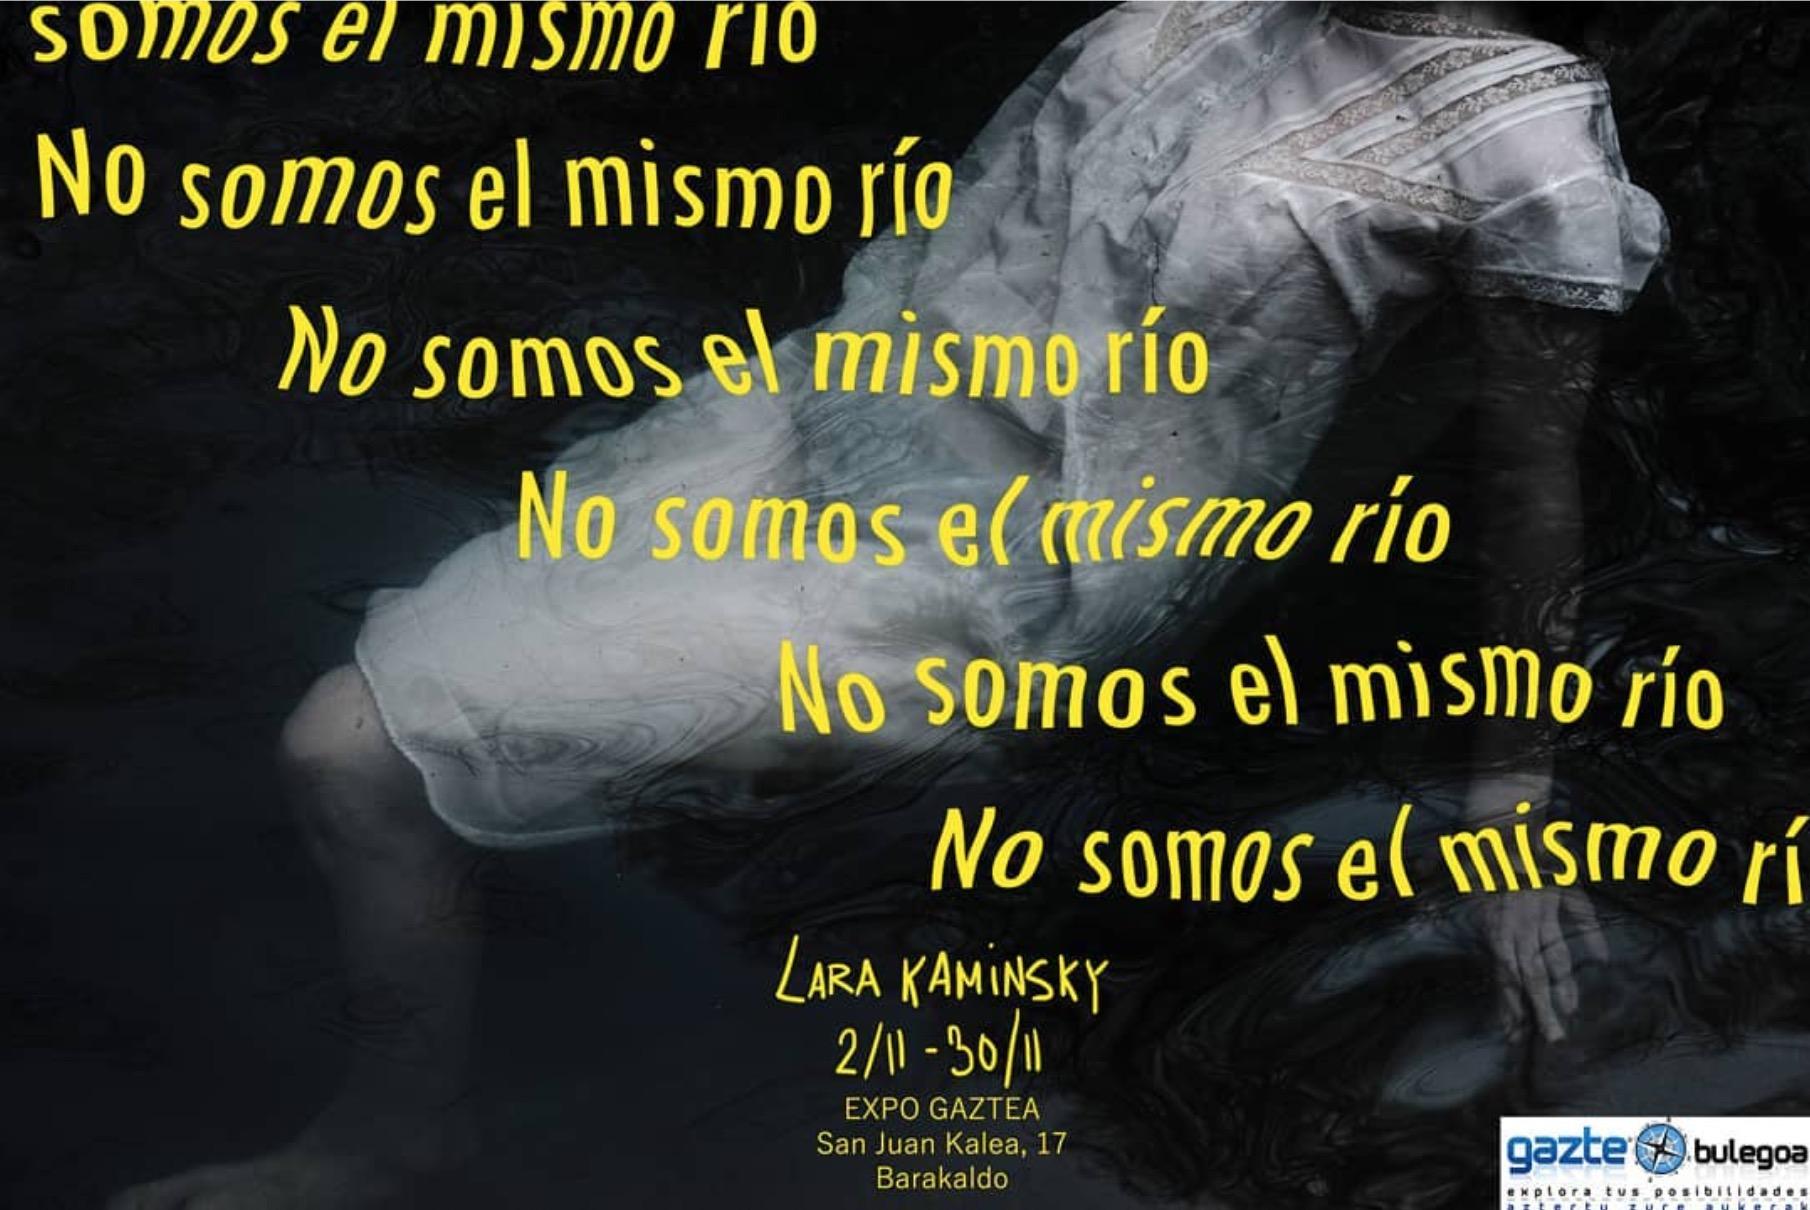 Exposición de Lara Kaminsky en Barakaldo.